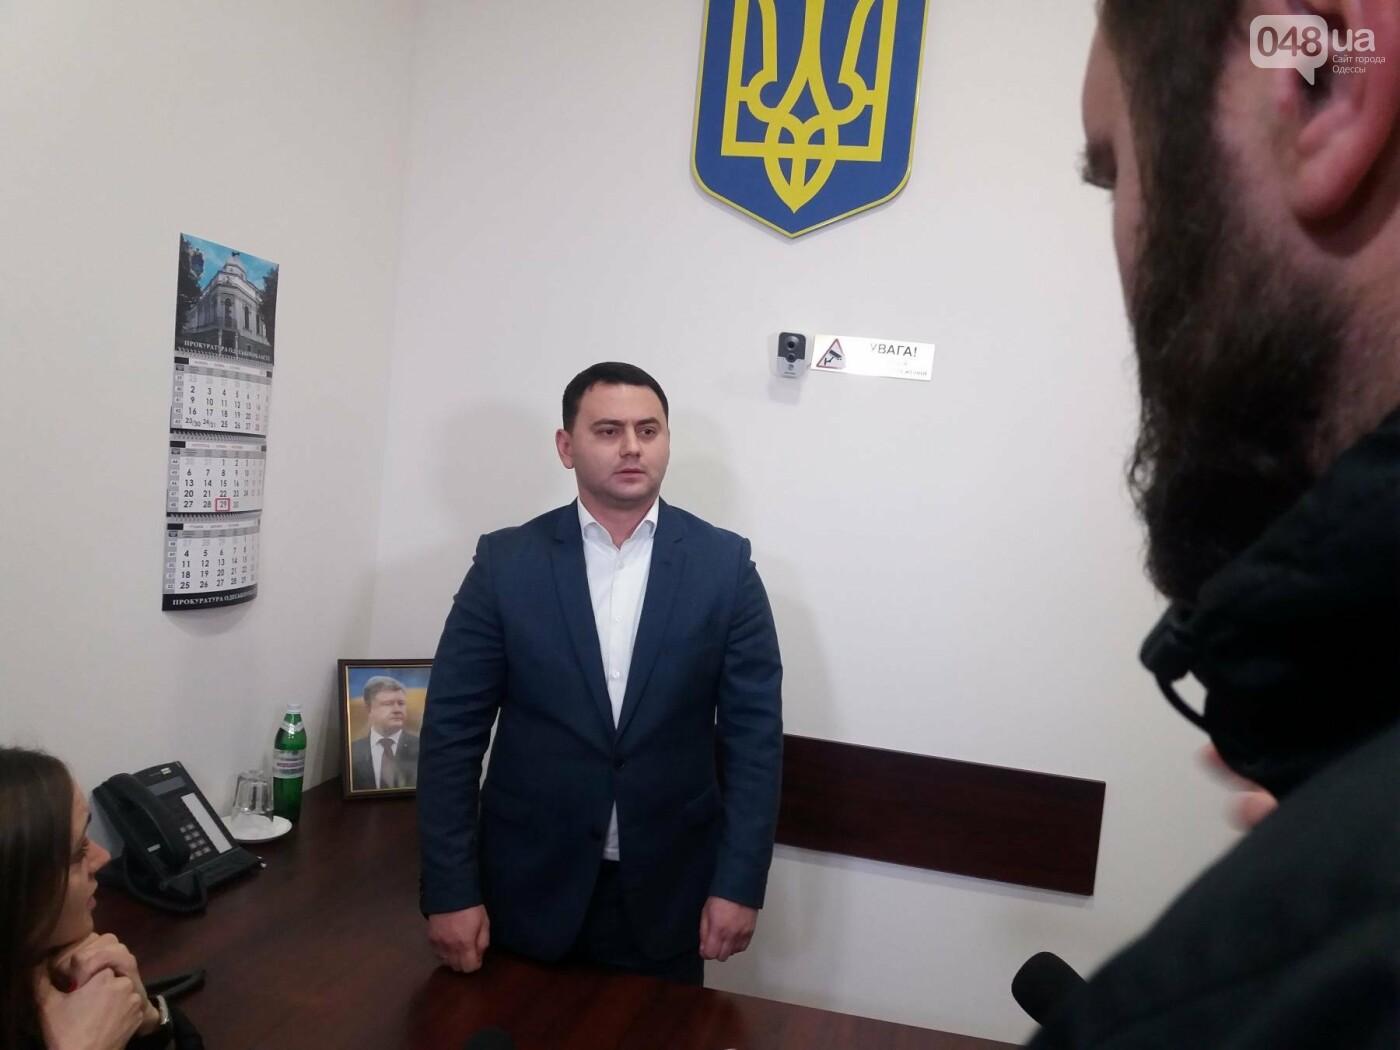 Одесскую прокуратуру внутри оклеили жучками: больше от Жученко не добились ничего (ФОТО, ВИДЕО), фото-1